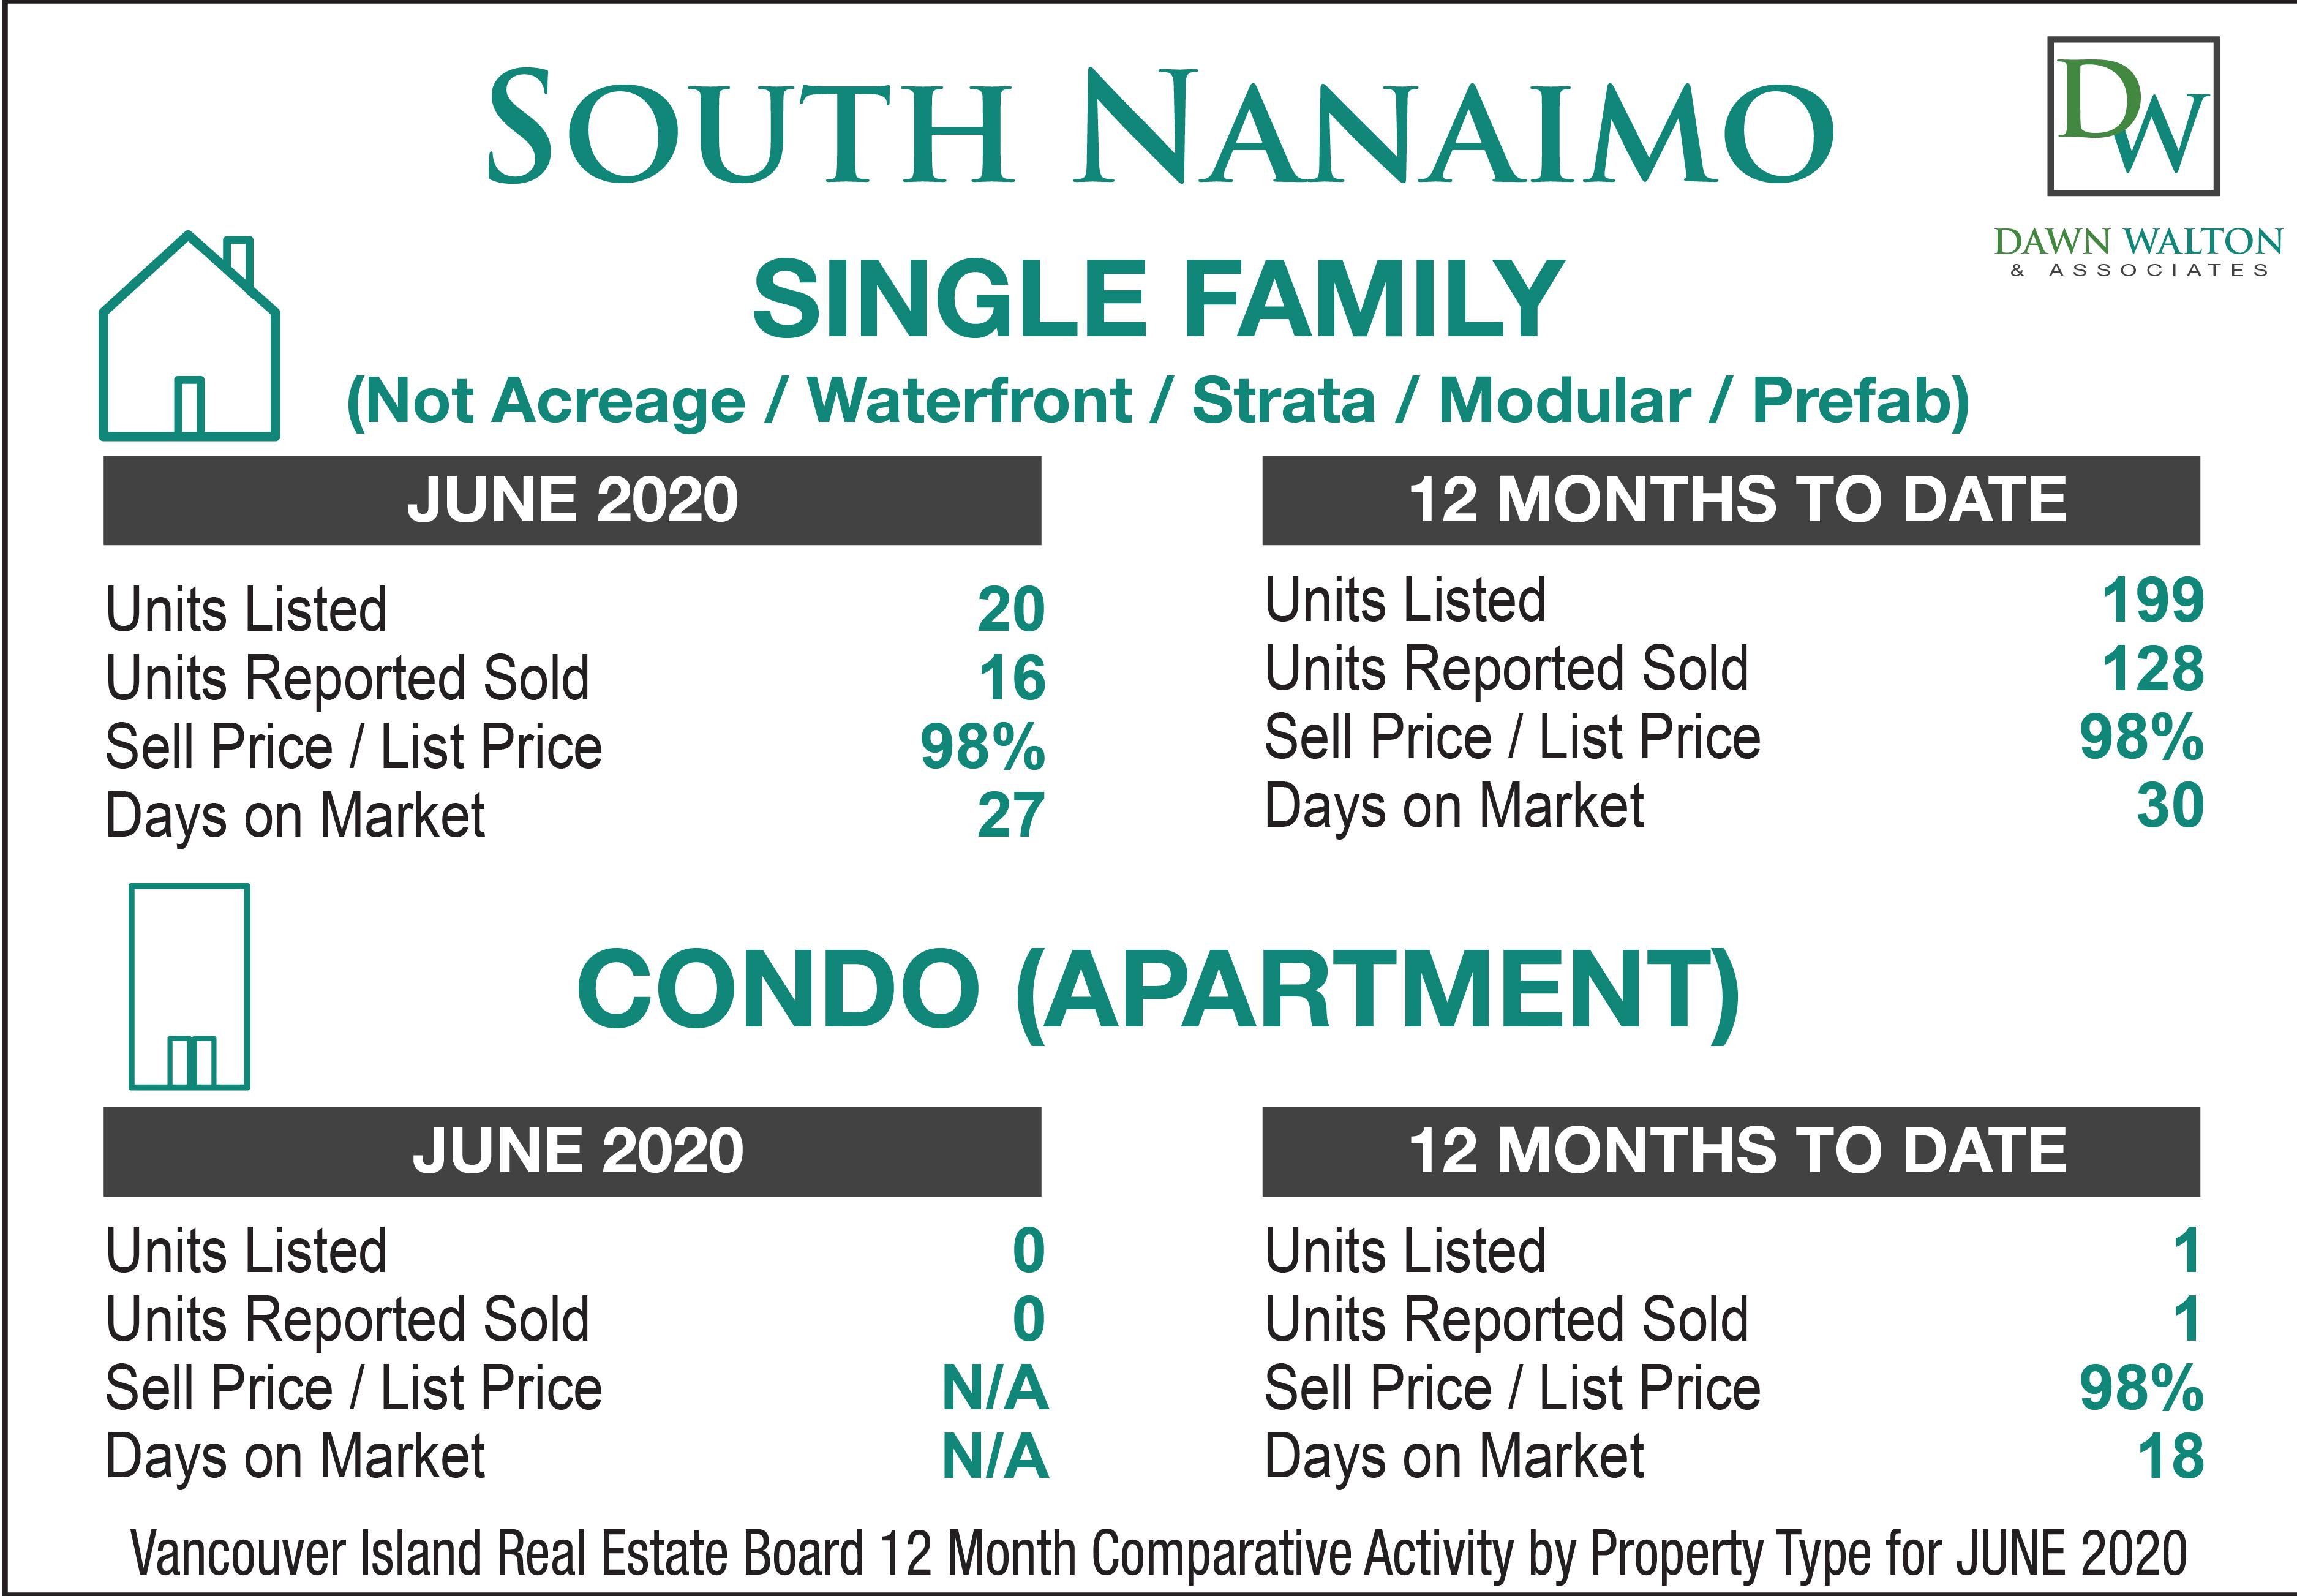 South Nanaimo Real Estate Market Stats June 2020 - Nanaimo Realtor Dawn Walton